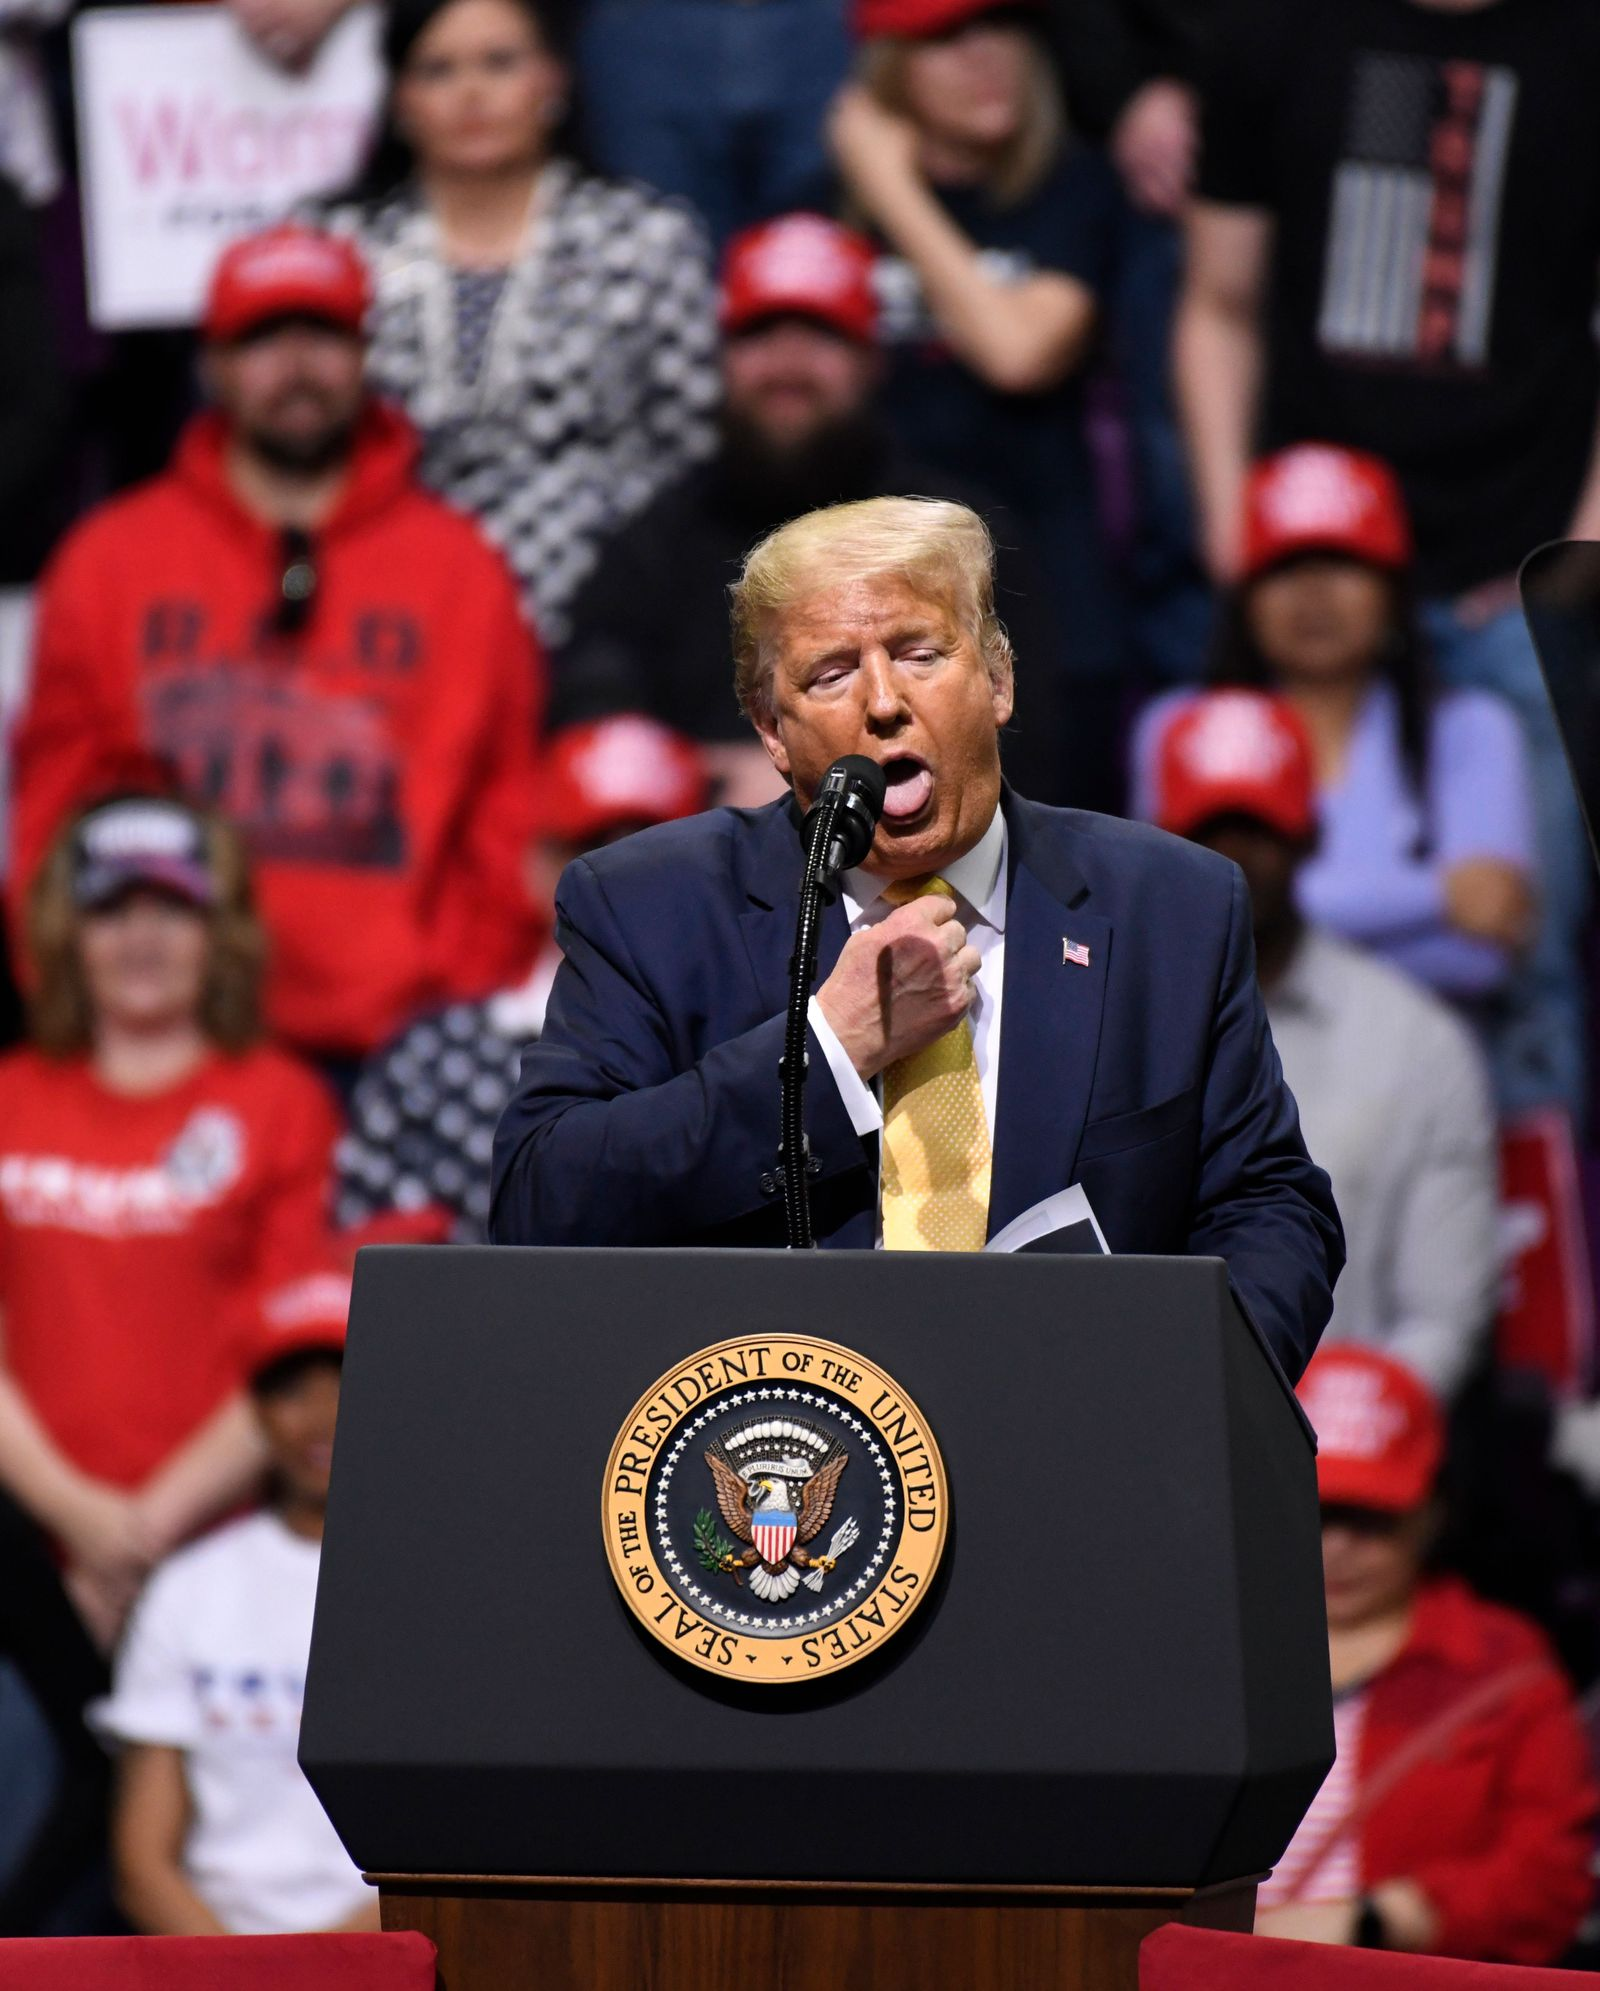 Trump campaigns in Colorado Springs, USA - 20 Feb 2020